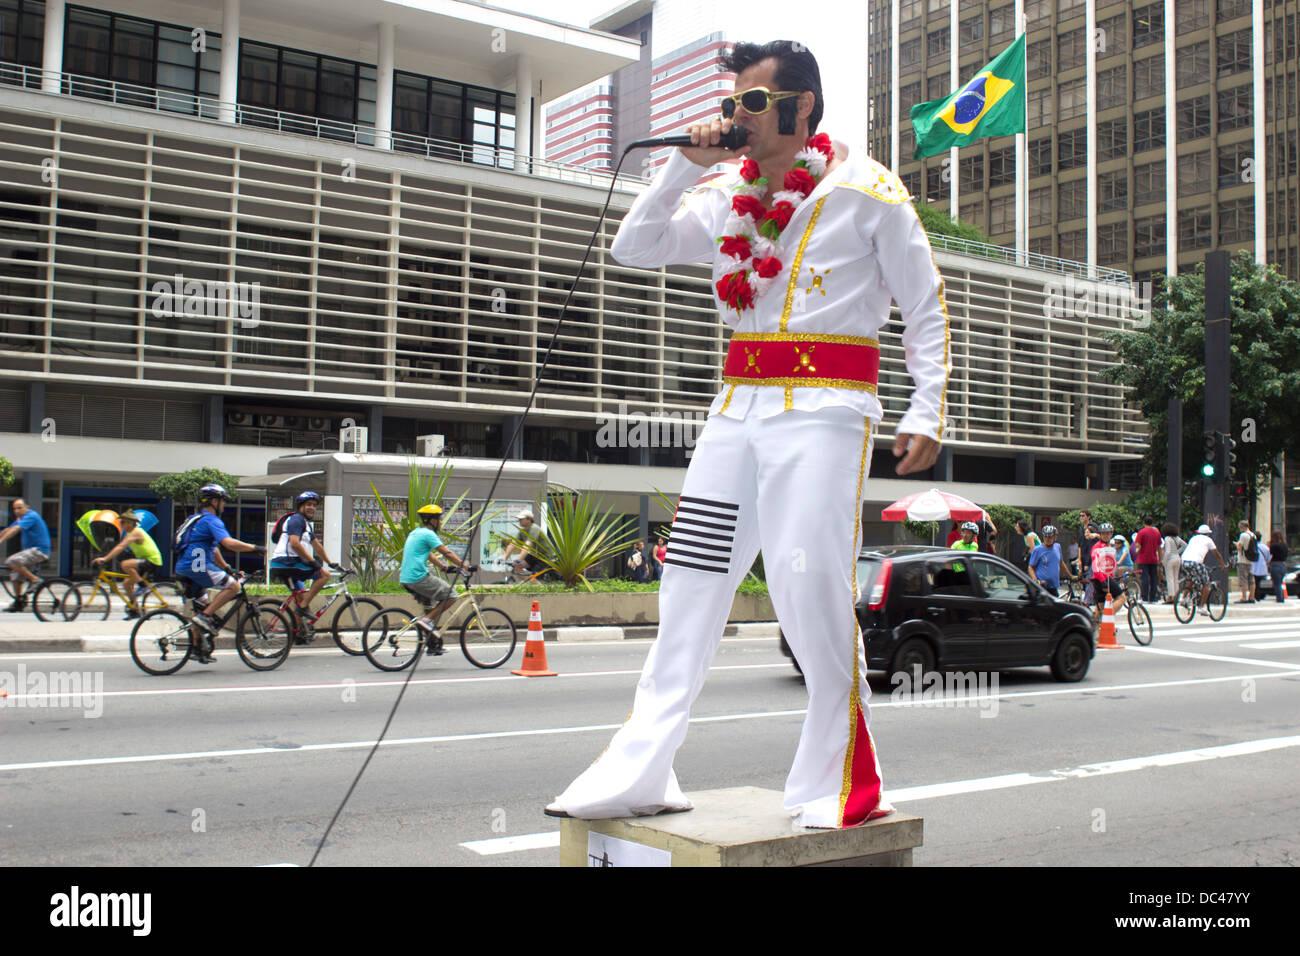 Un imitador de Elvis realiza en la Avenida Paulista, en Sao Paulo, Brasil, en febrero de 2013. Imagen De Stock